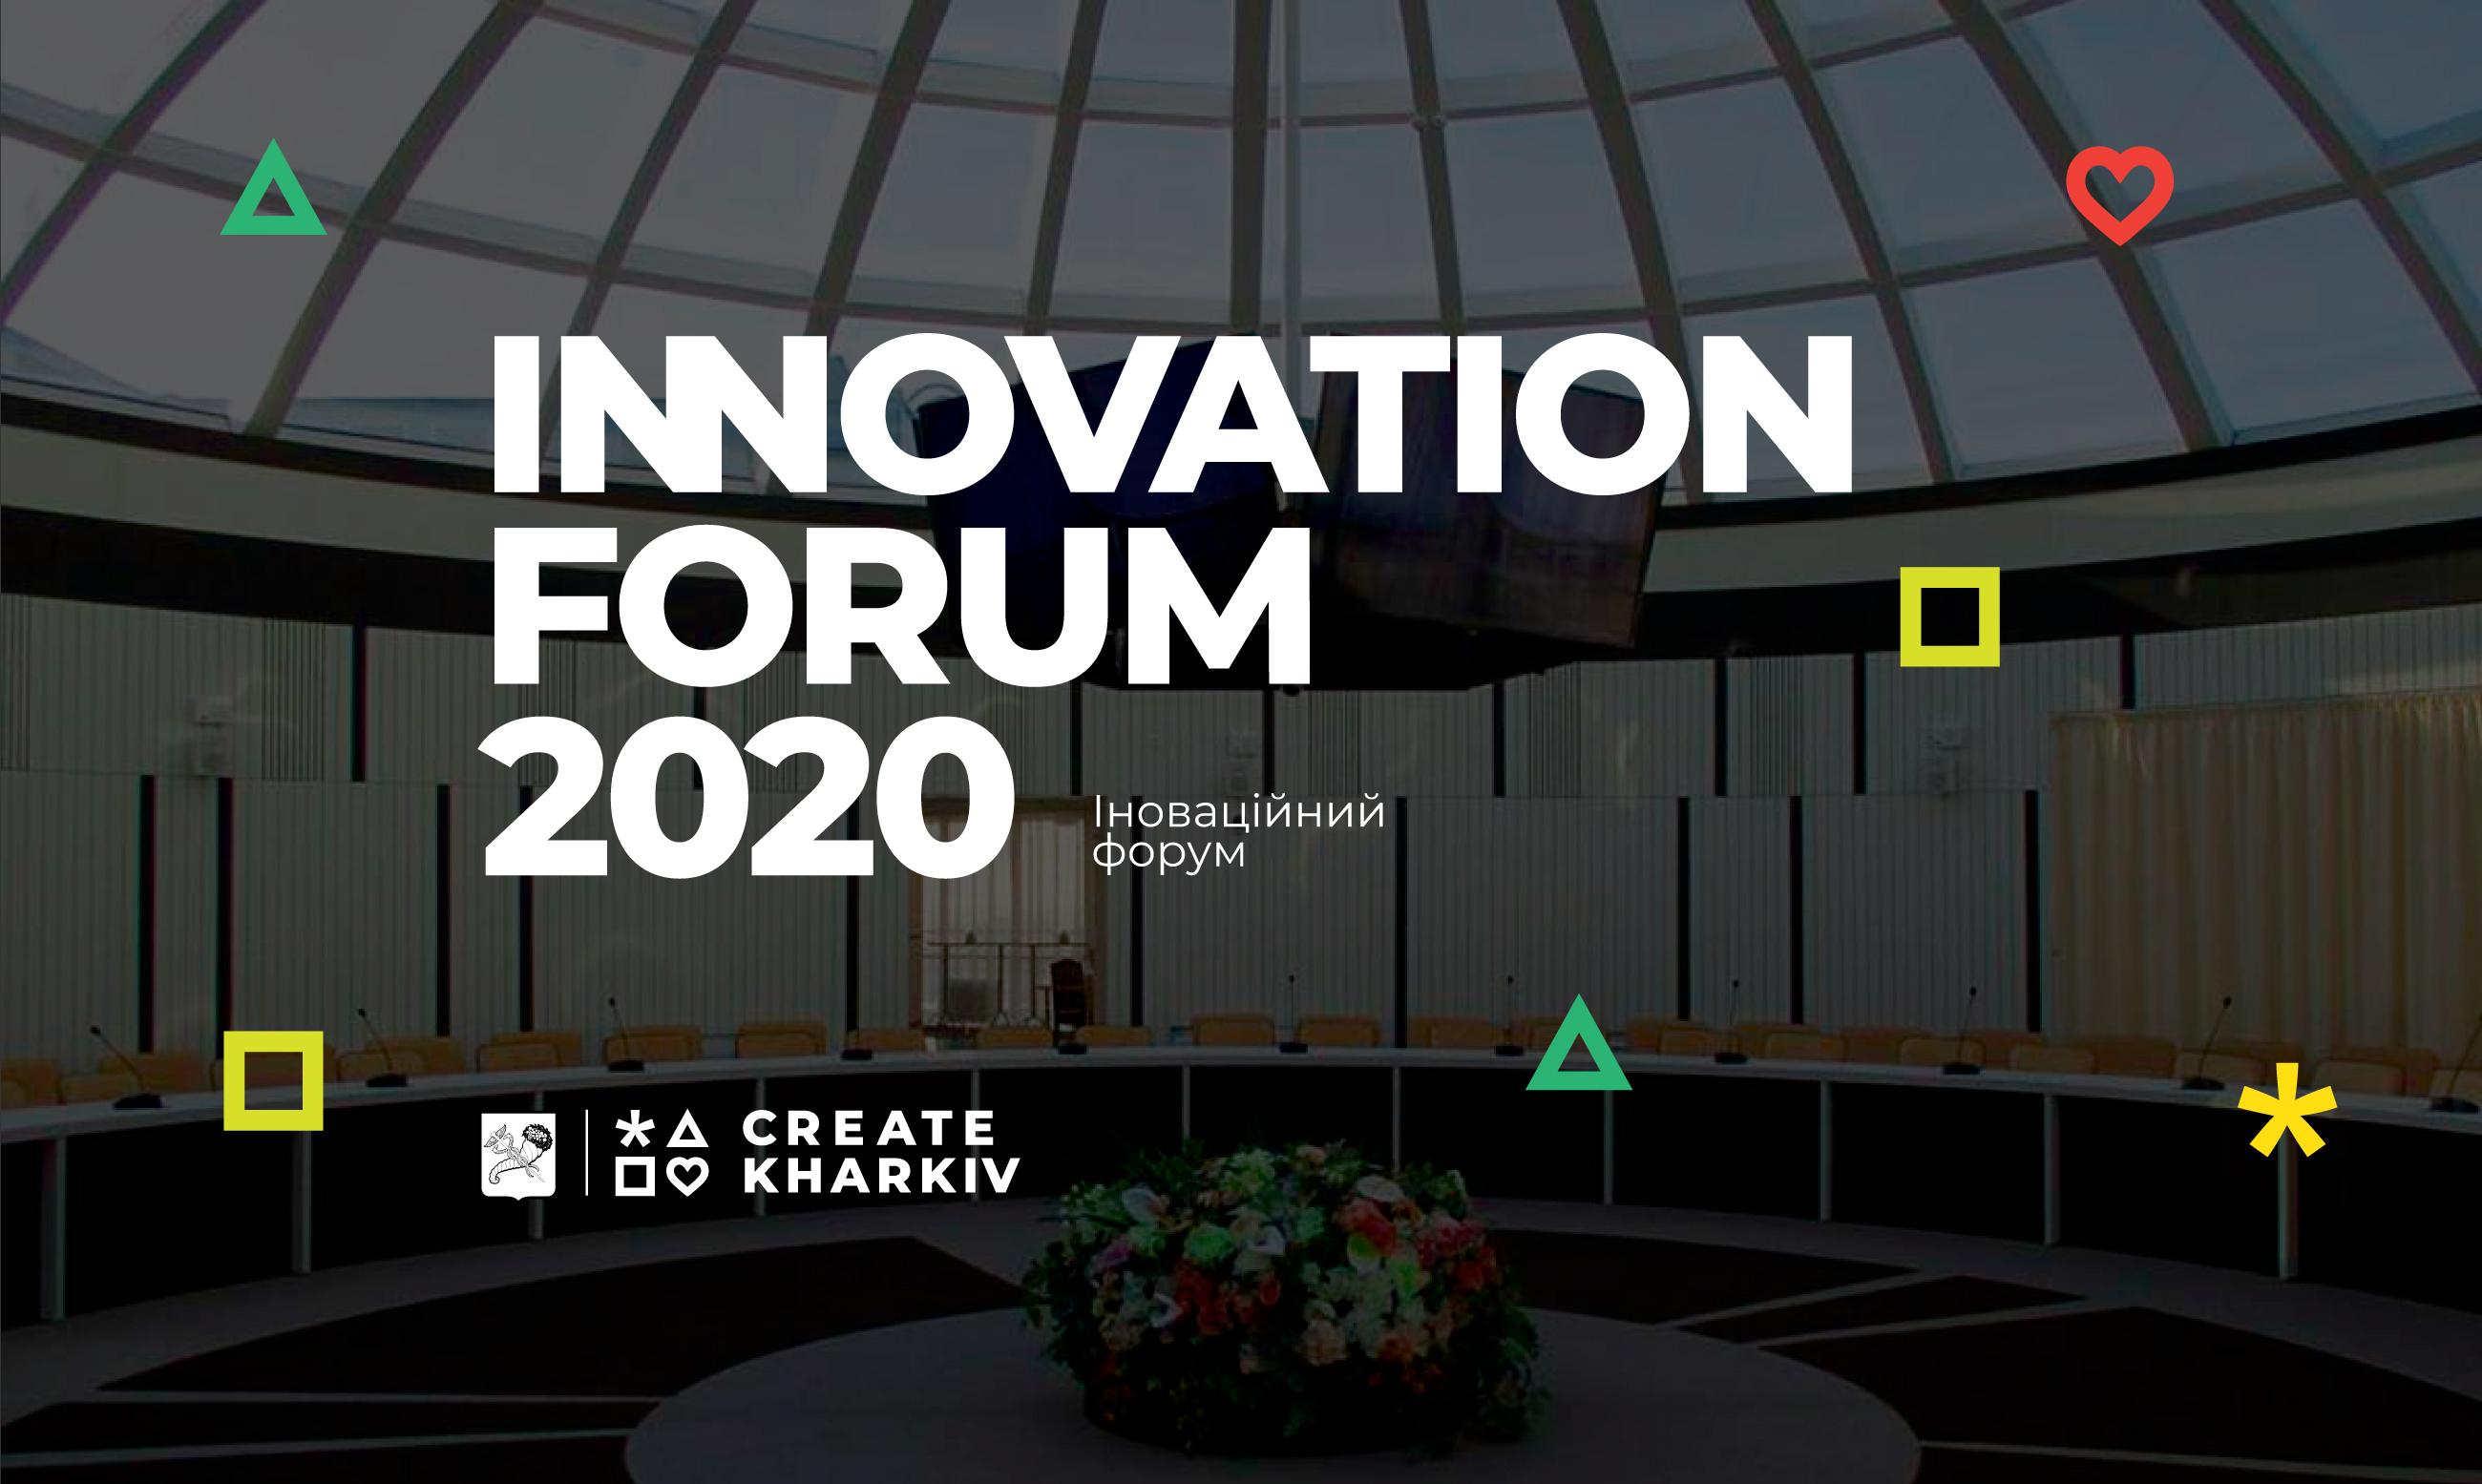 Стратегія розвитку міста, стартапи та бізнес-проєкти - у Харкові пройде інноваційний форум